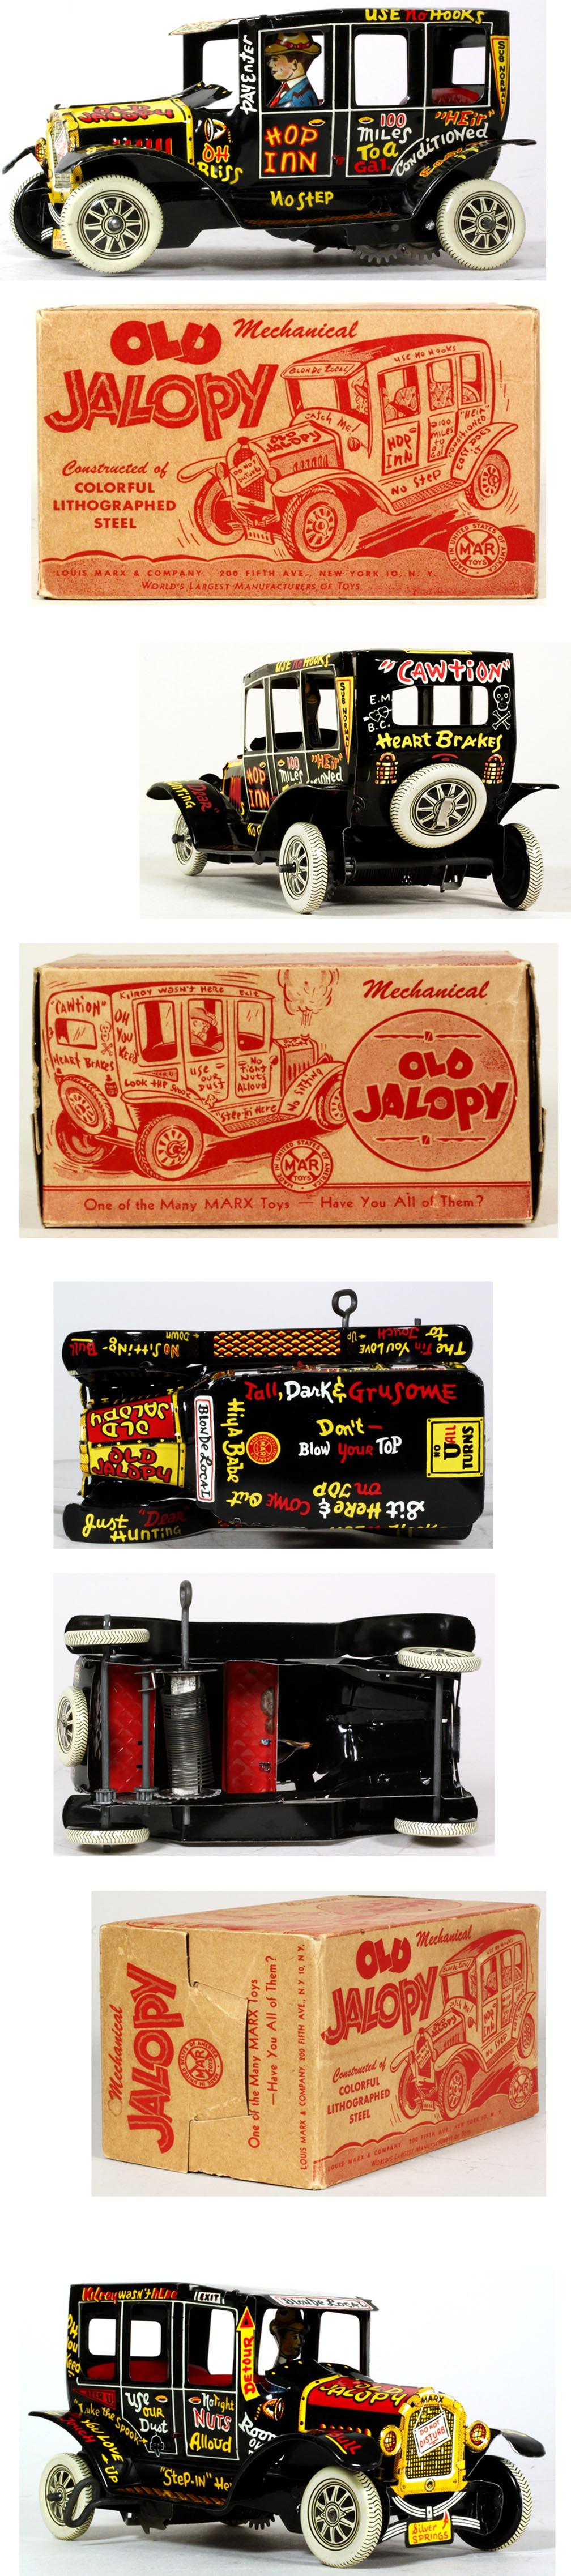 �Old Jalopy� by Marx.